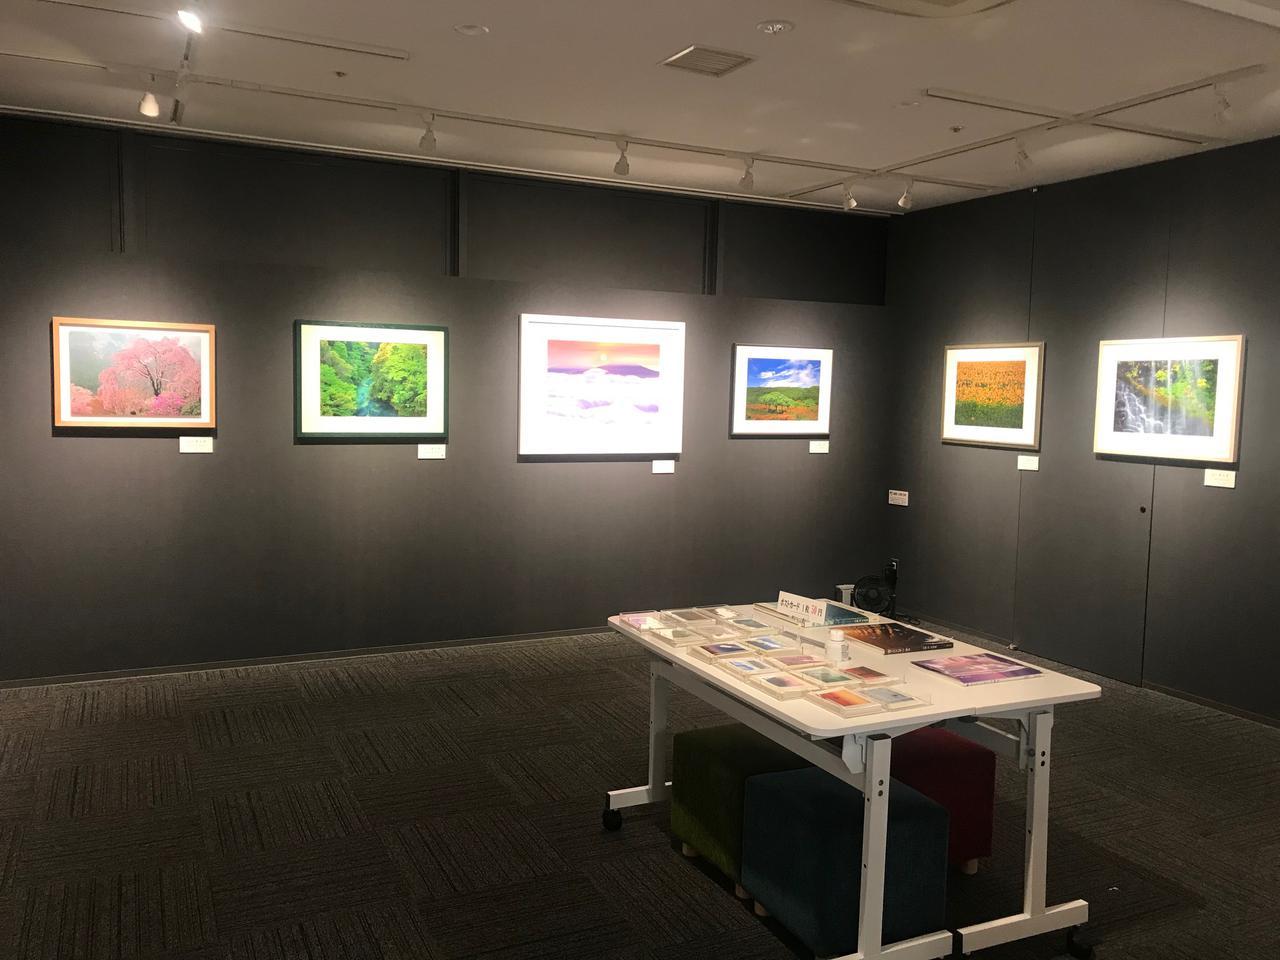 画像: 川隅 功「2021年 カレンダー写真展」が富士フォトギャラリー銀座で開催中! 明日(11/5)14時まで。